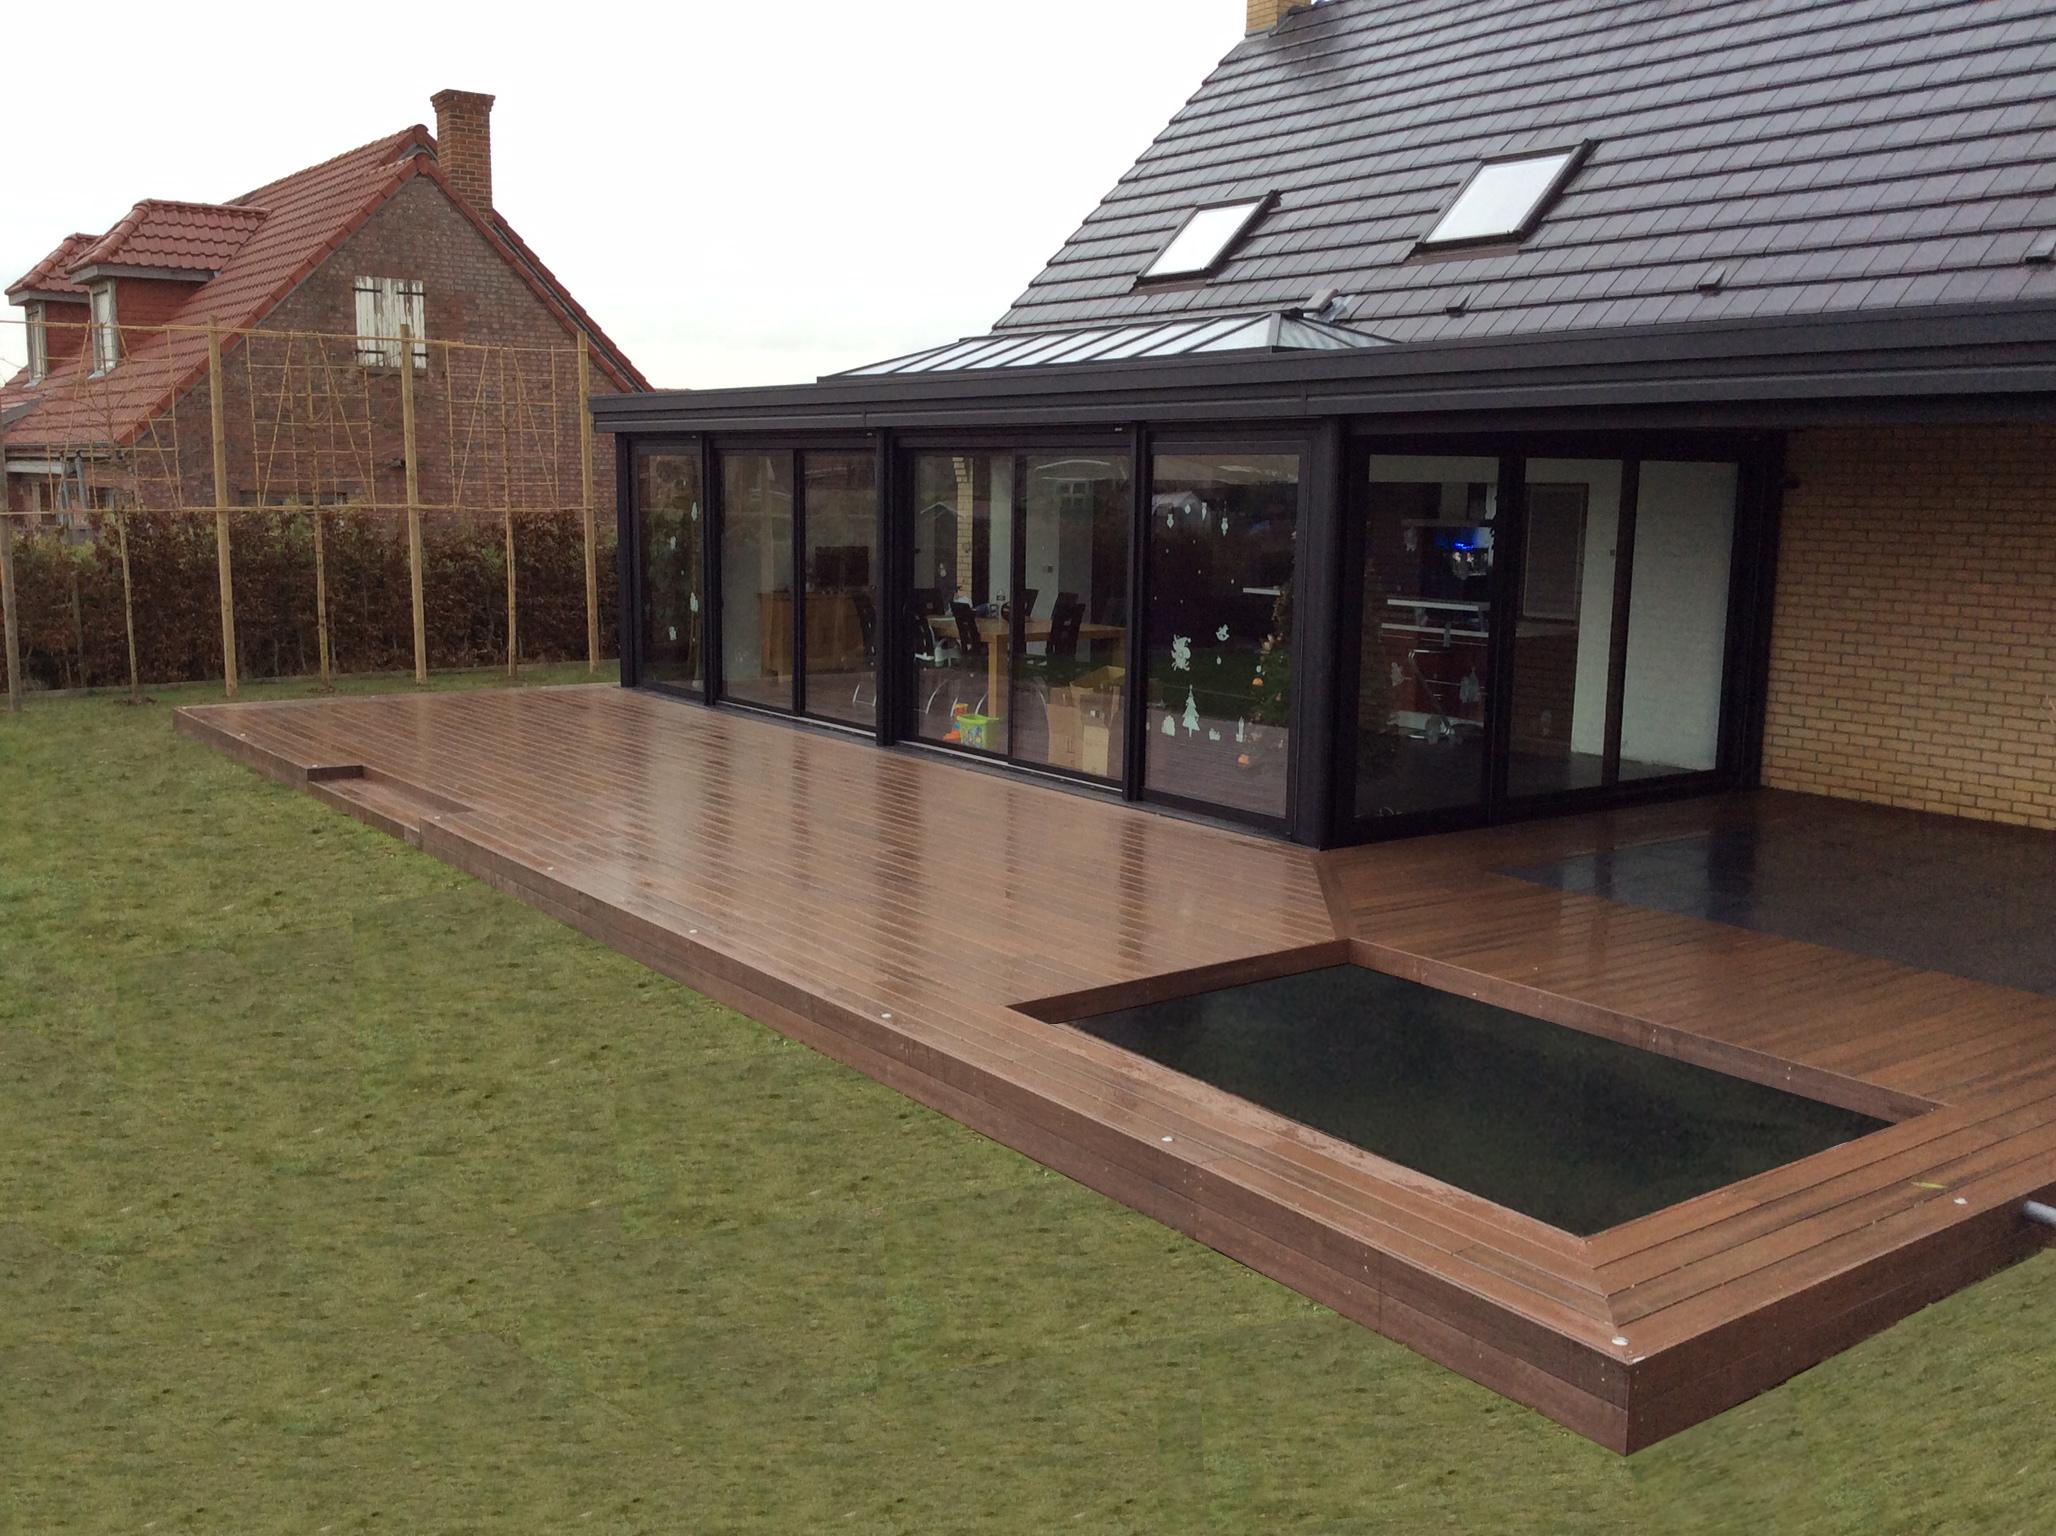 Aménagement paysager avec terrasse et bassin intégré